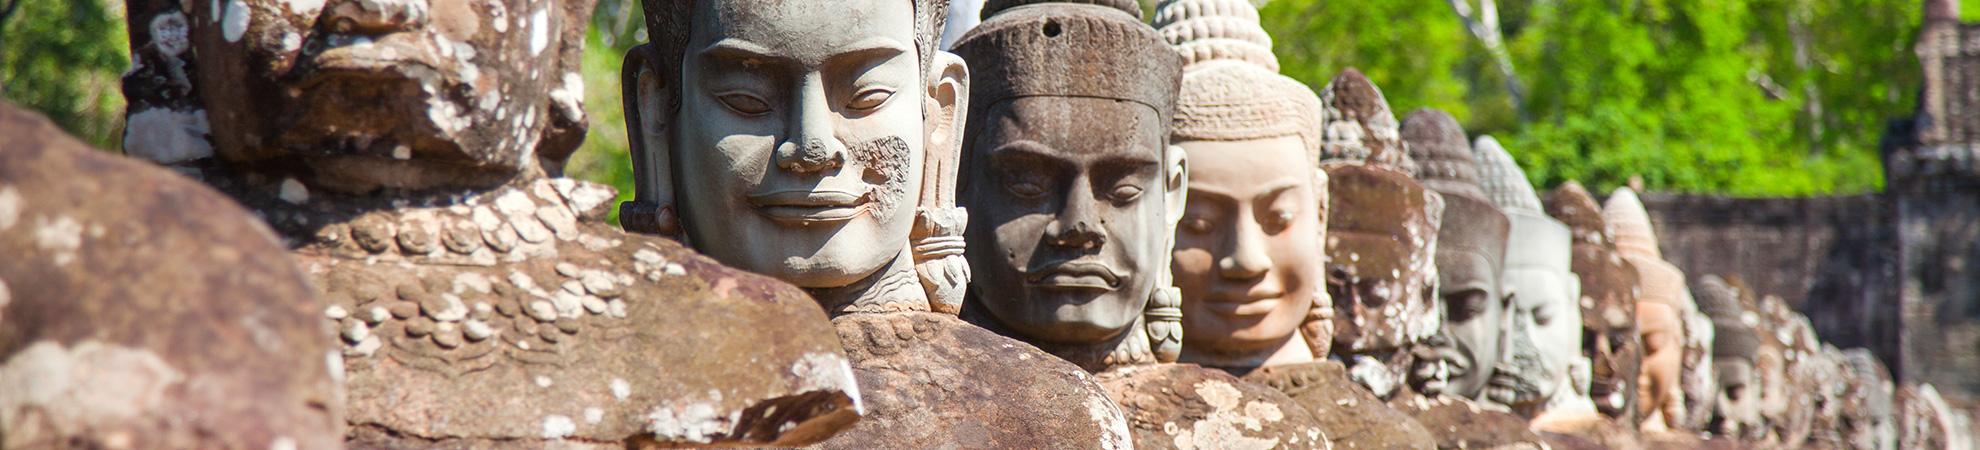 Cambodge quand partir : pourquoi le mois de novembre est la meilleure période de faire un voyage au Cambodge et Vietnam